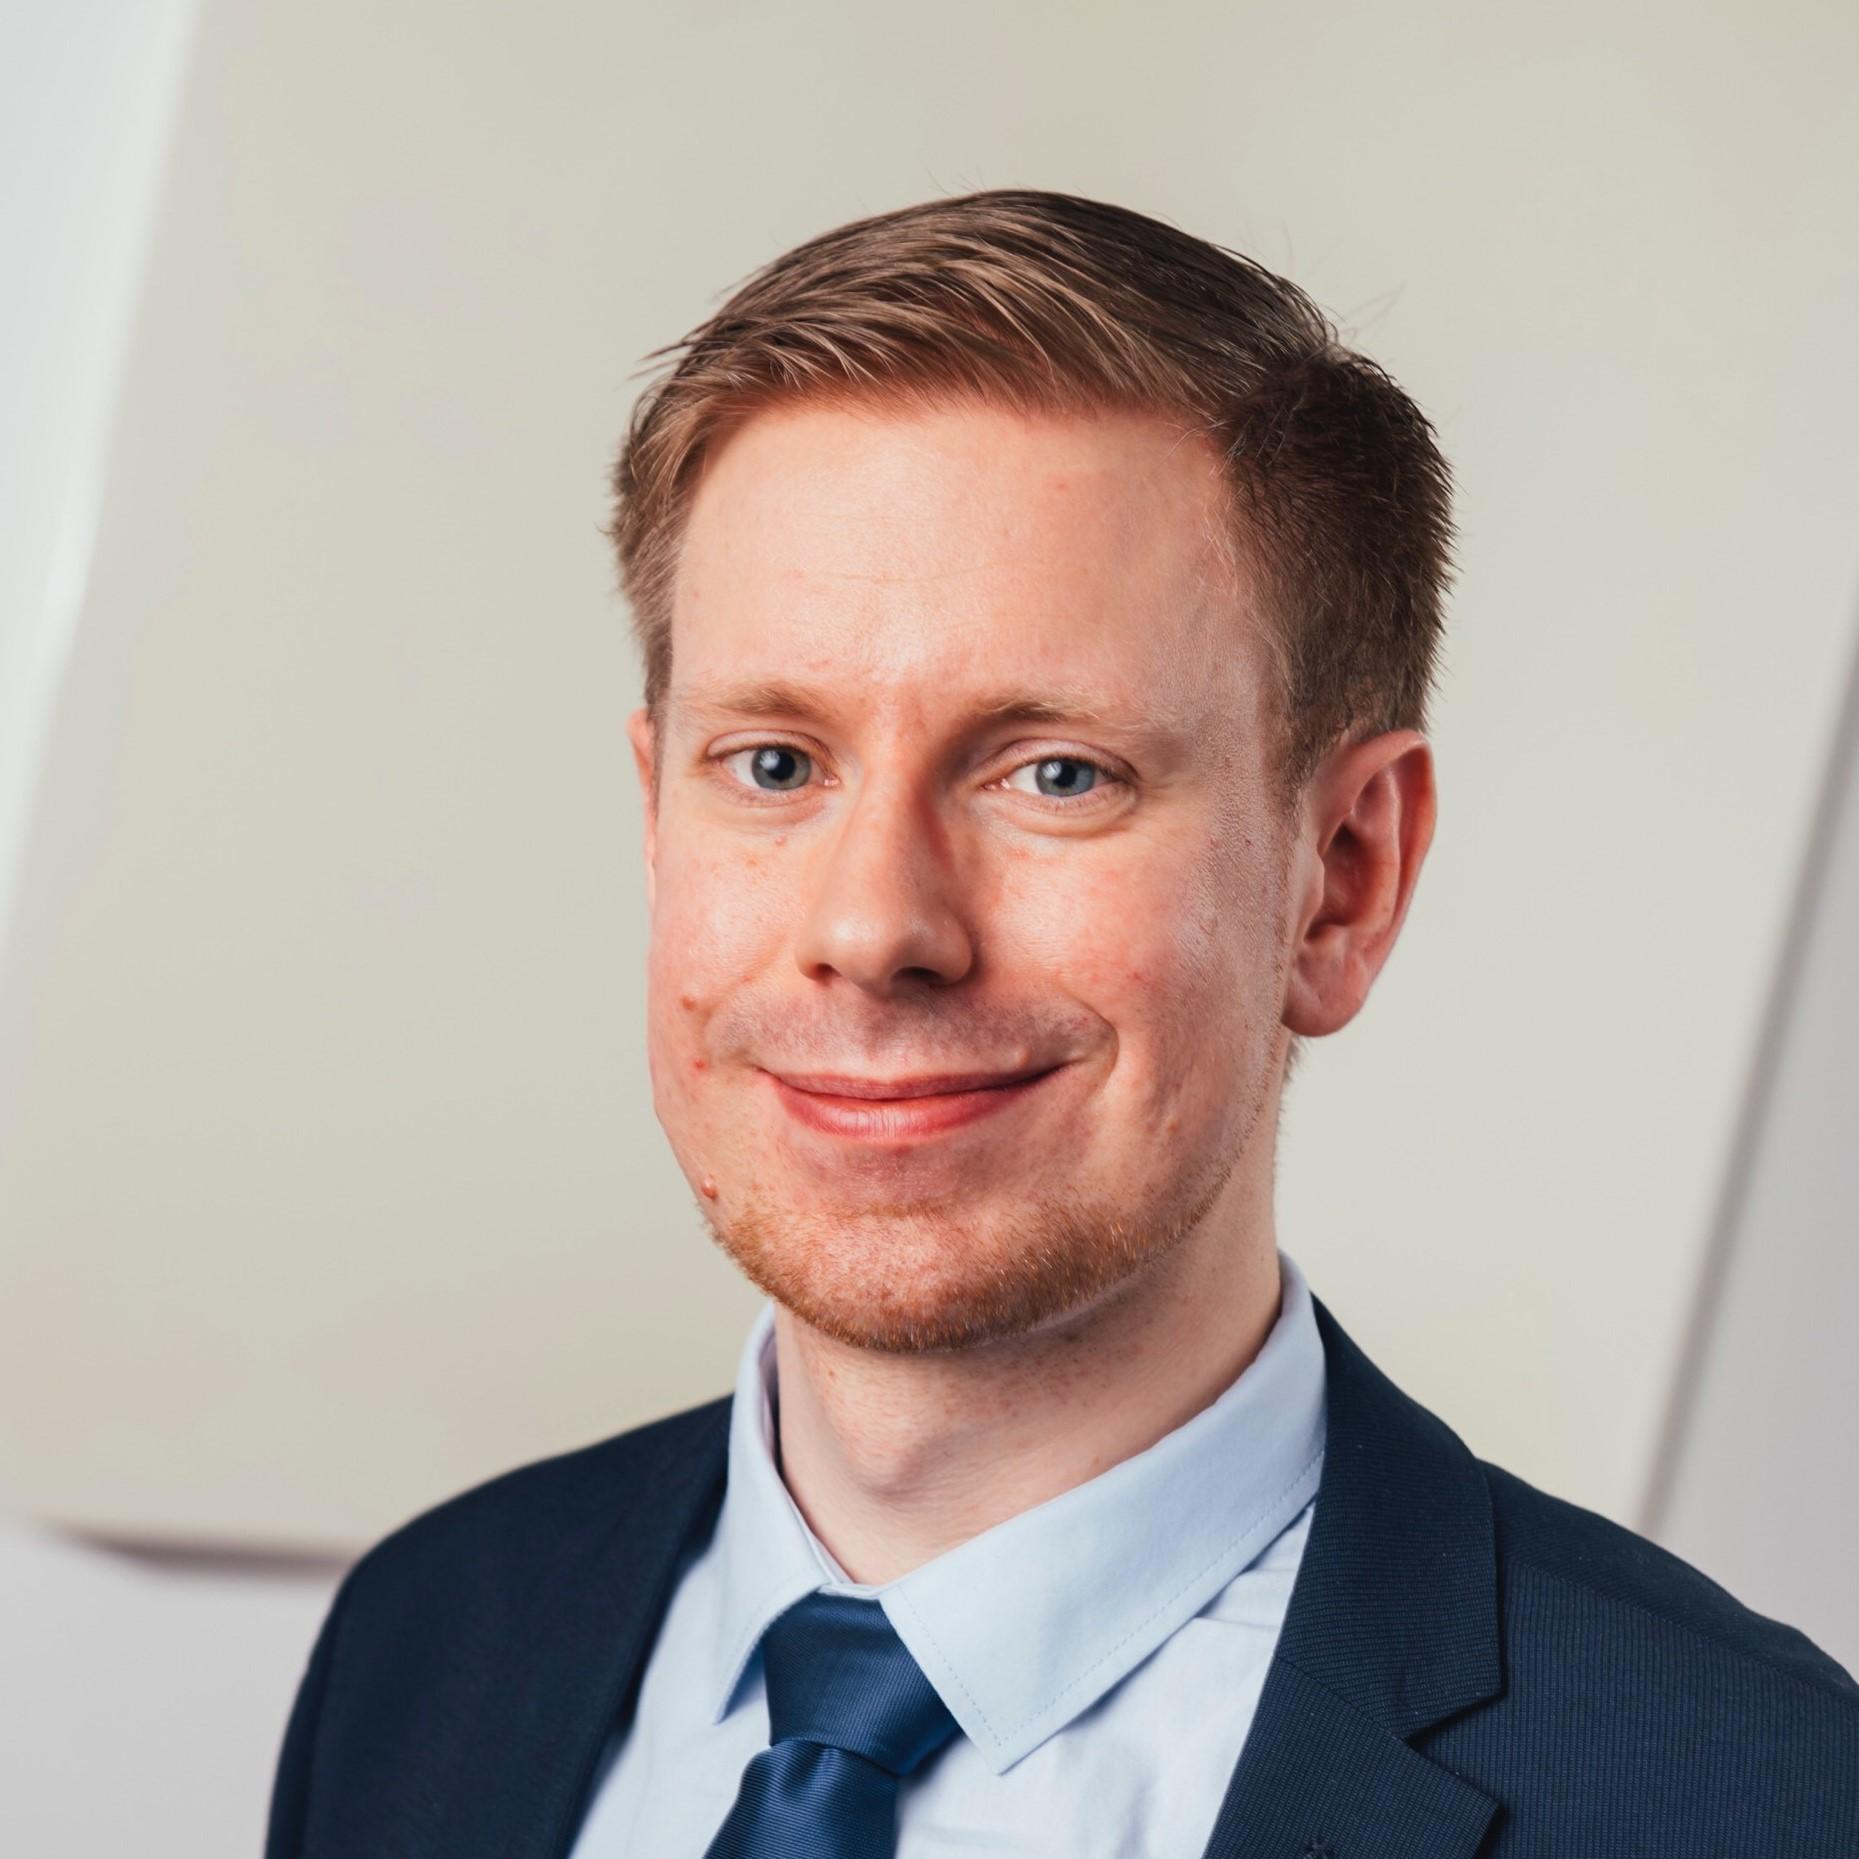 Dr. Christopher Grossert